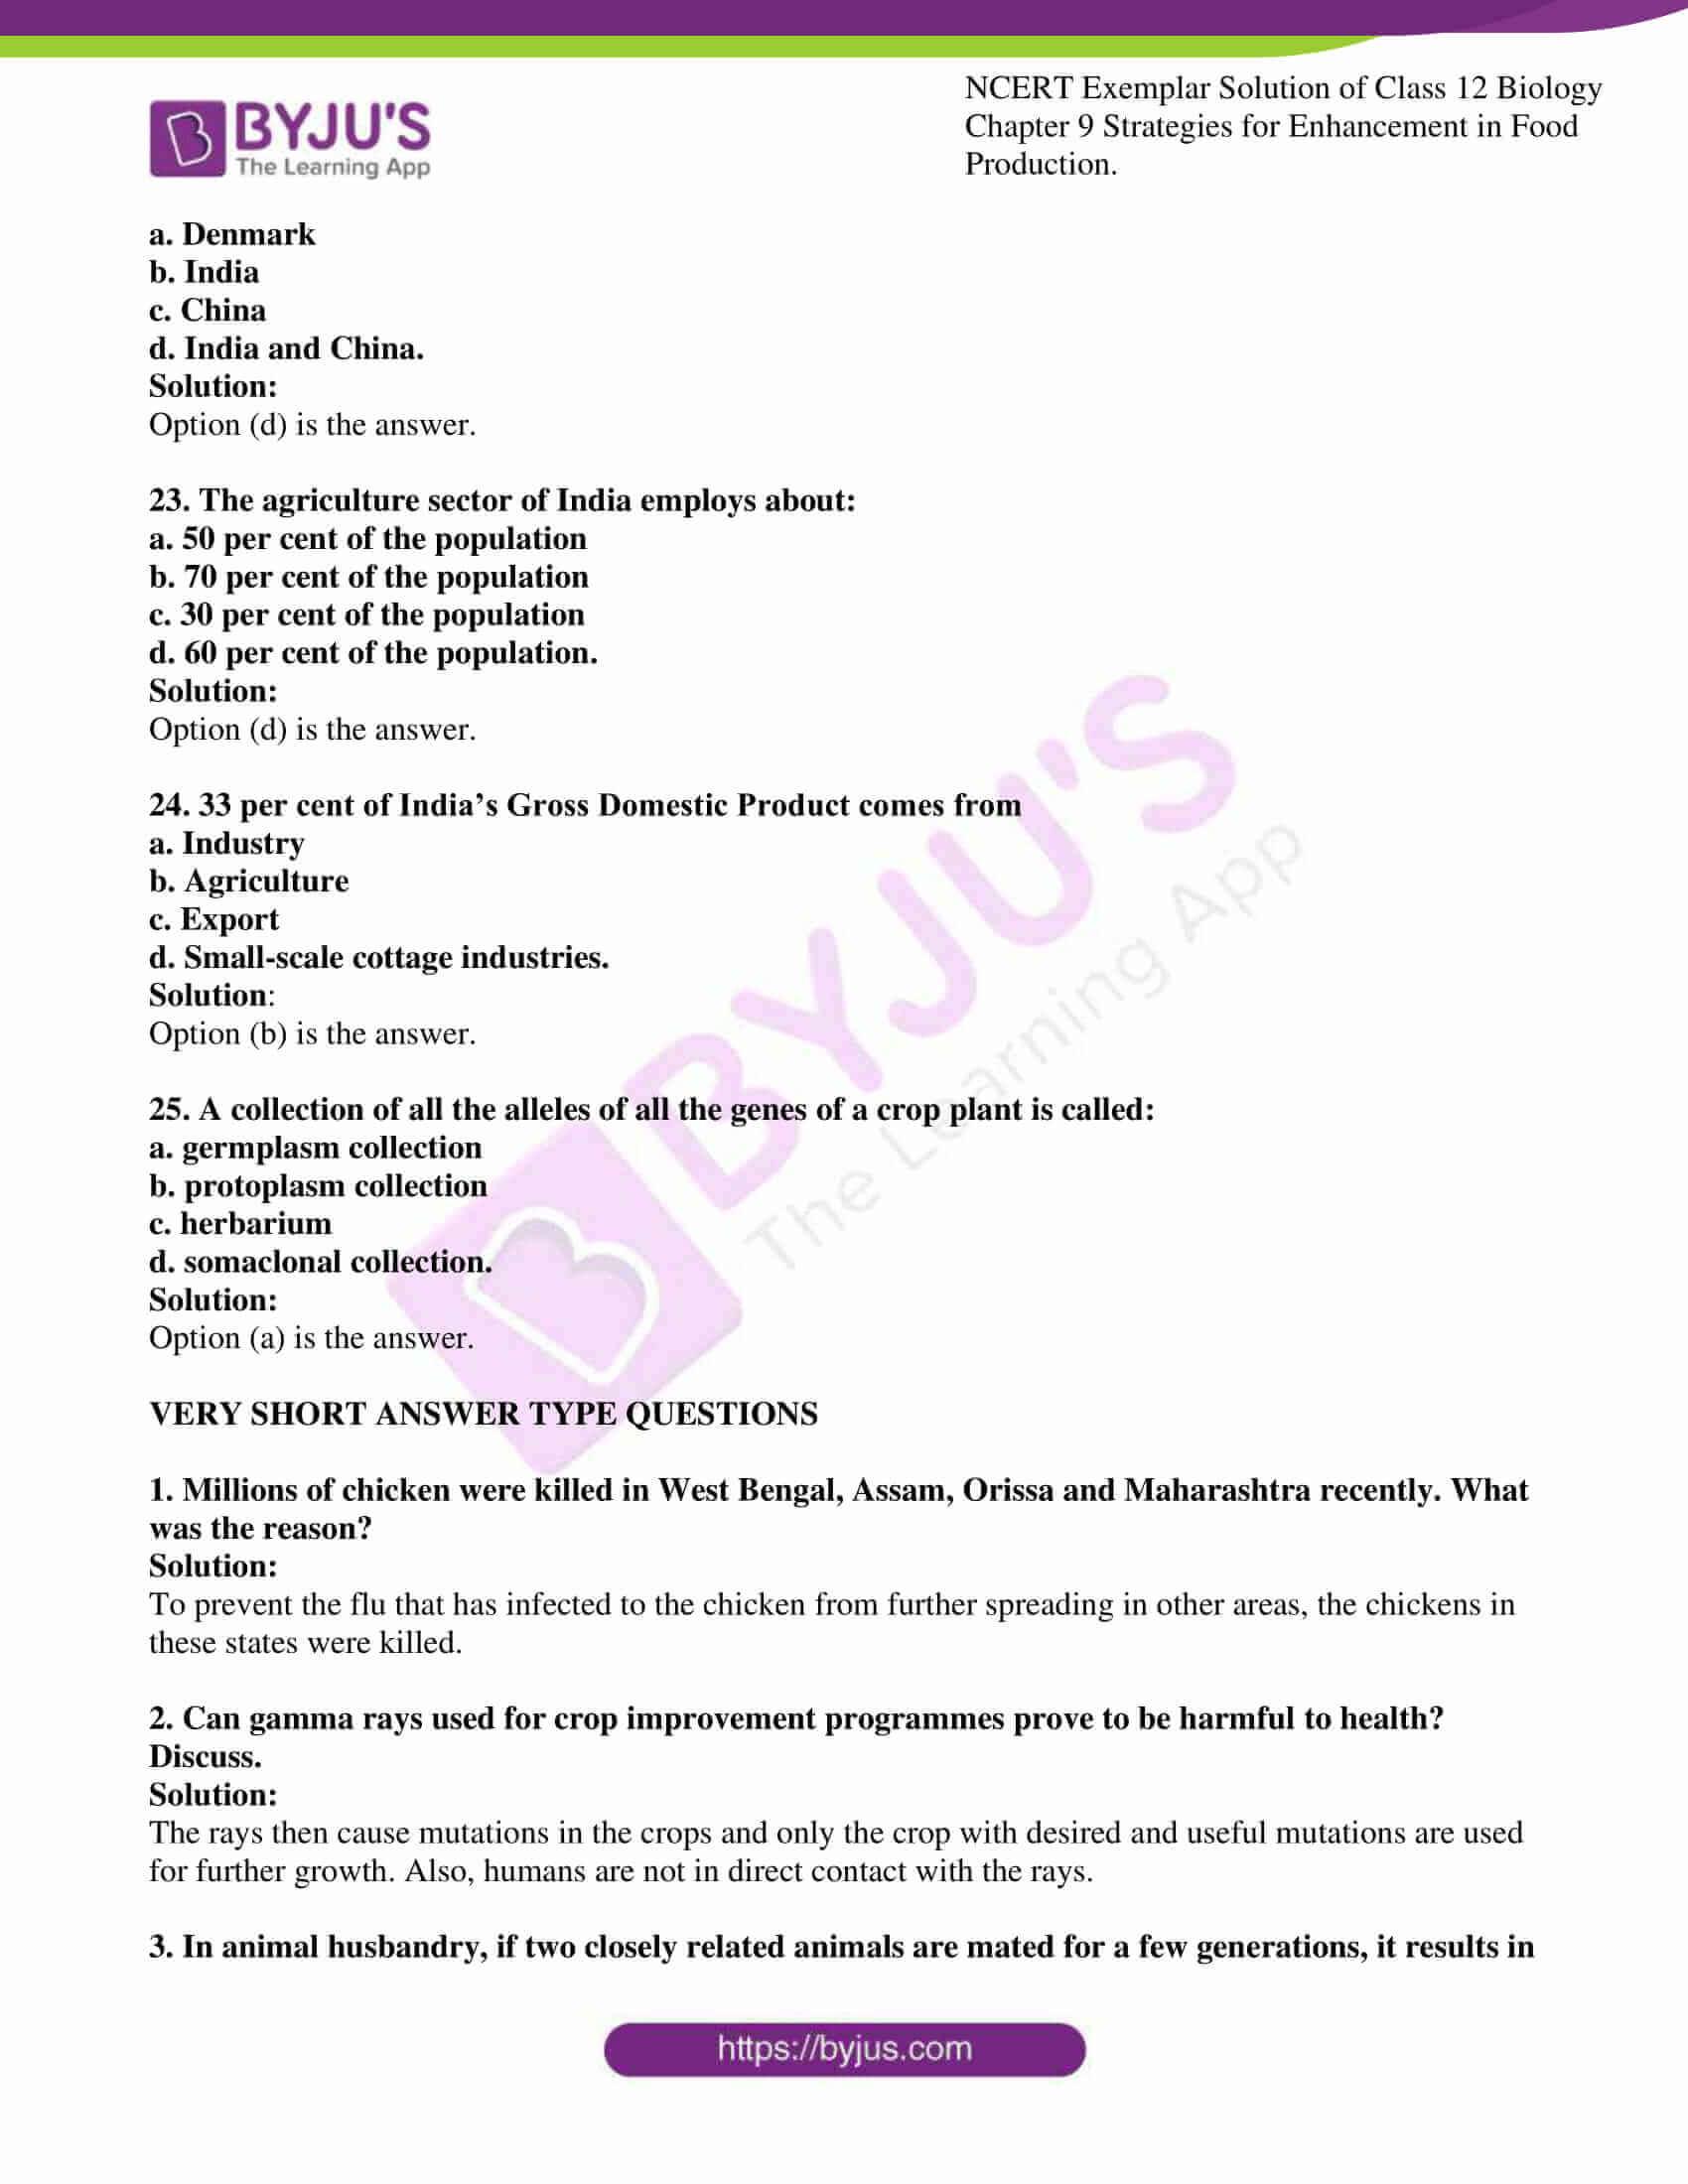 ncert exemplar solution of class 12 biology chapter 9 05